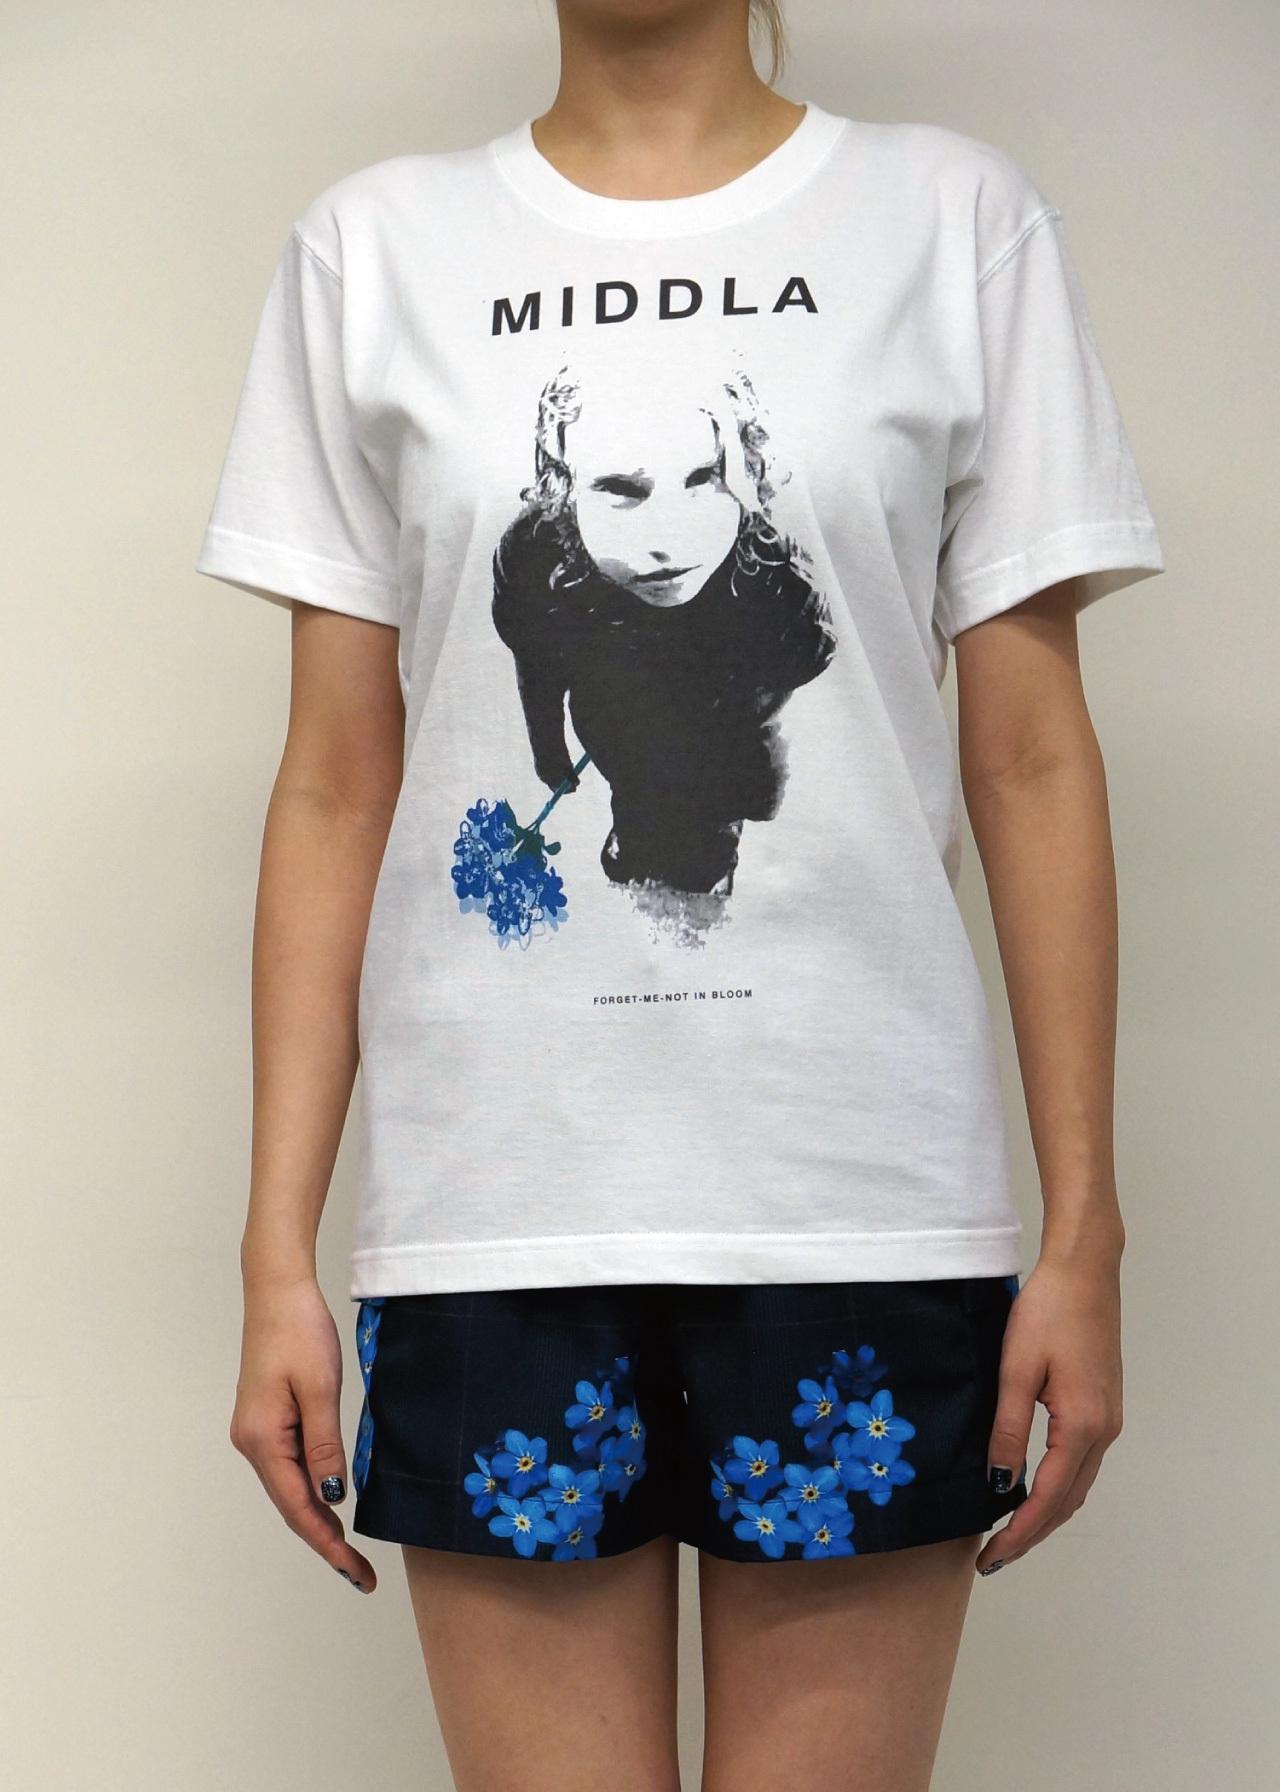 MIDDLA GIRL T-SHIRT